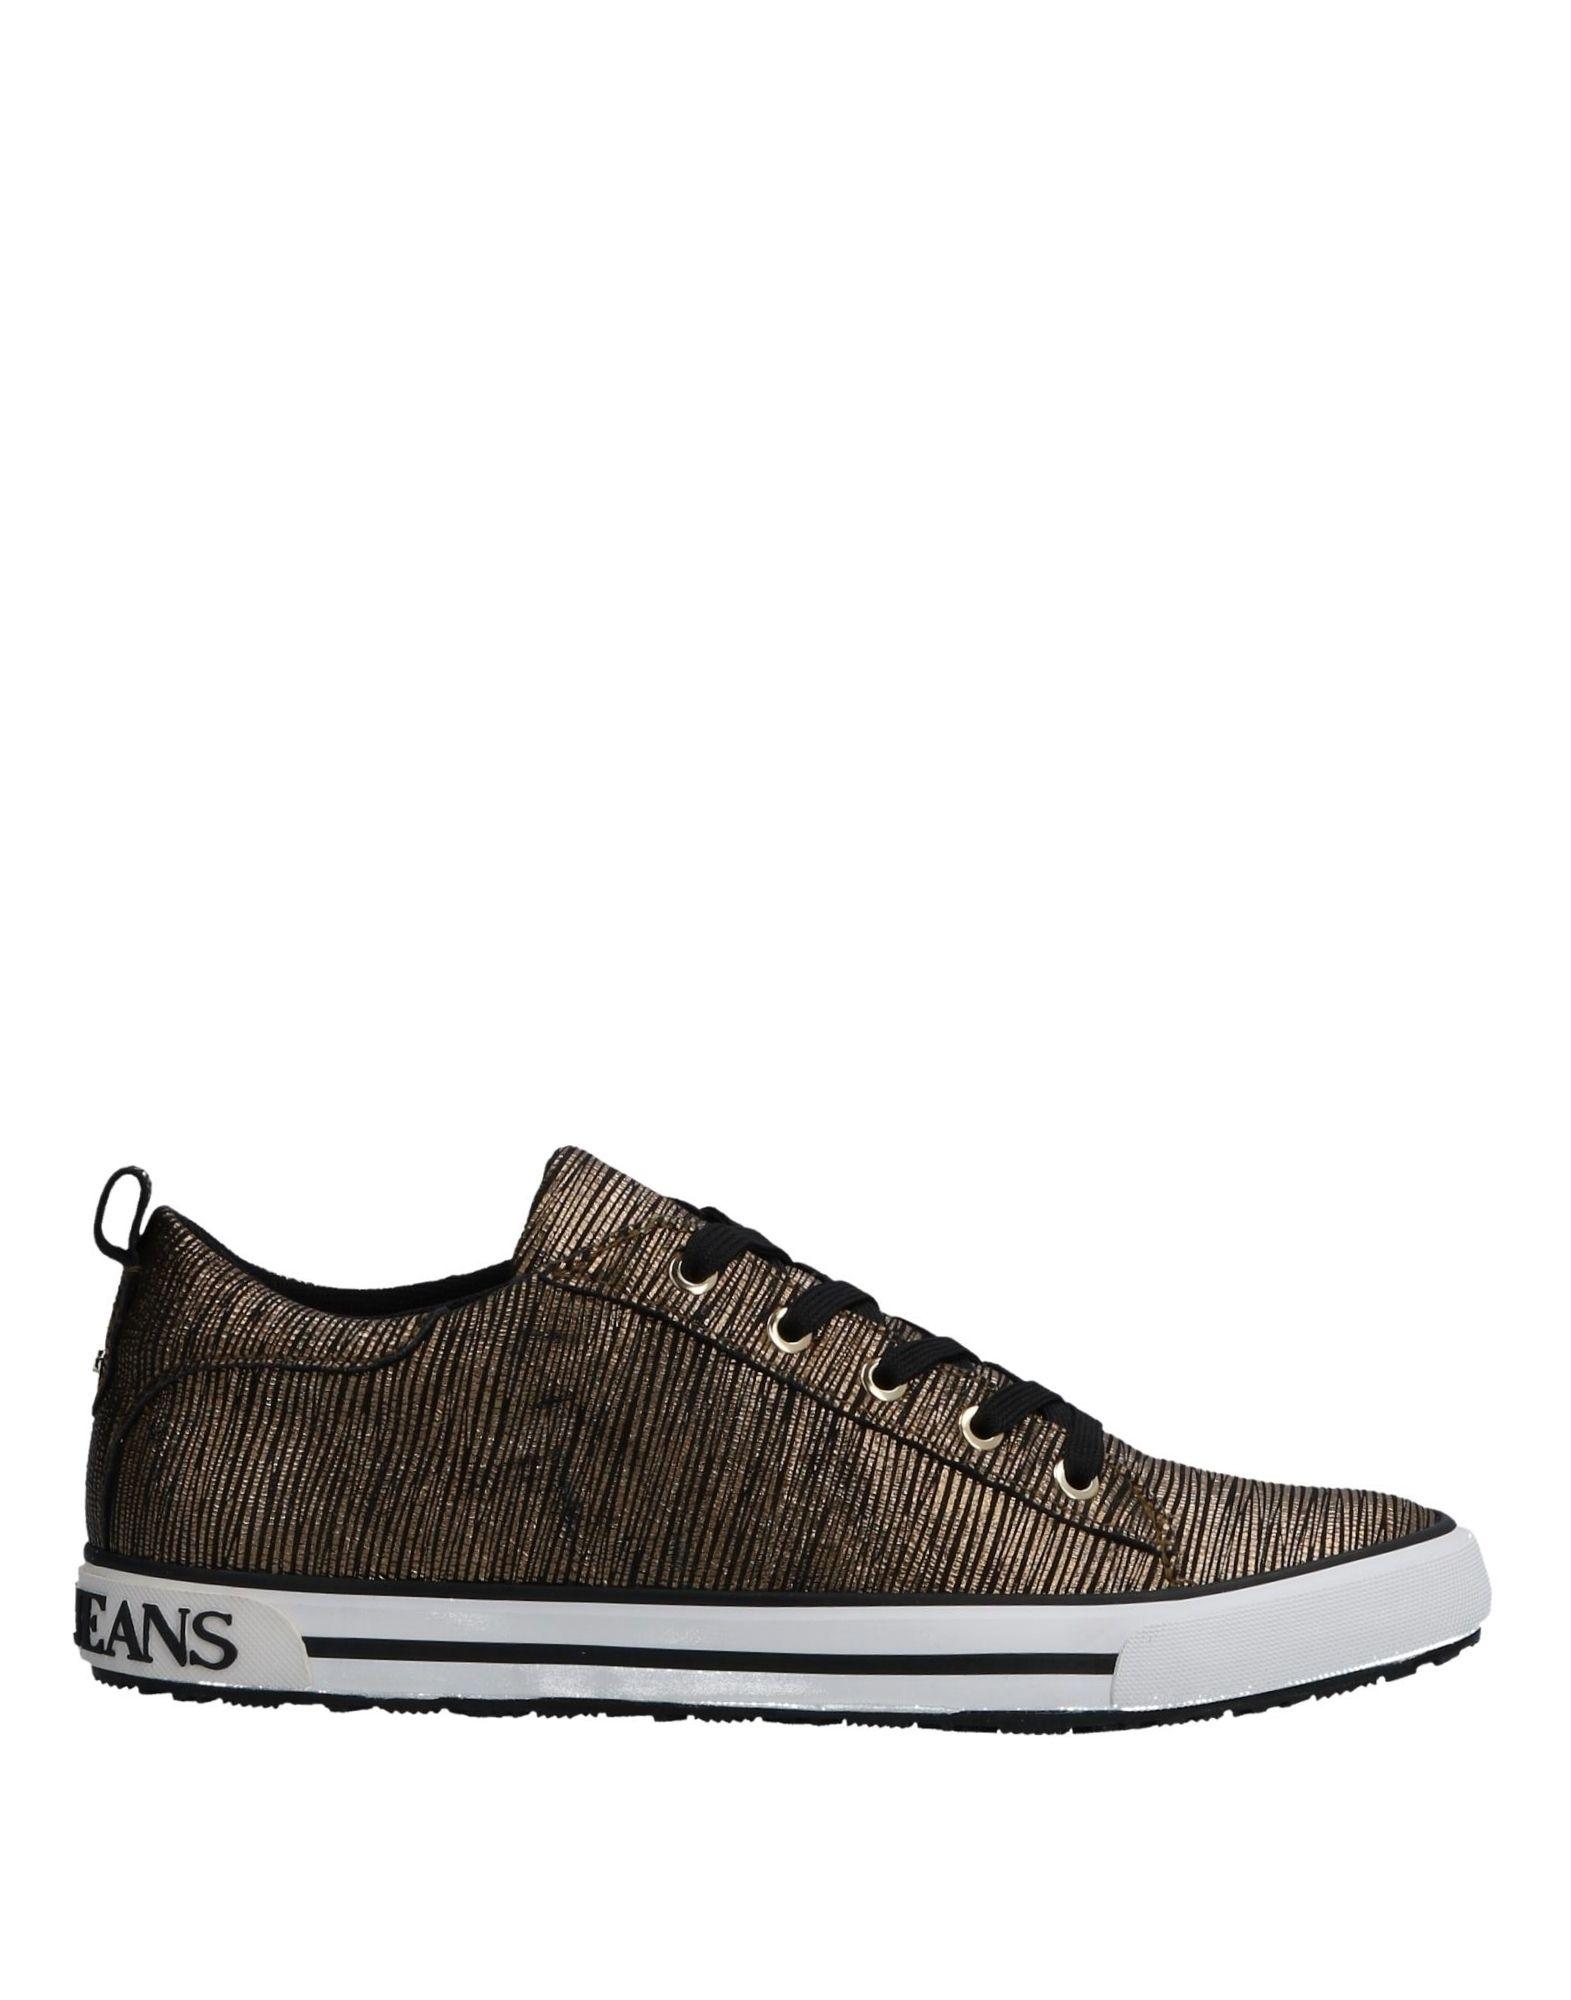 Gut um billige Schuhe Damen zu tragenArmani Jeans Sneakers Damen Schuhe  11527246LB 8b324b